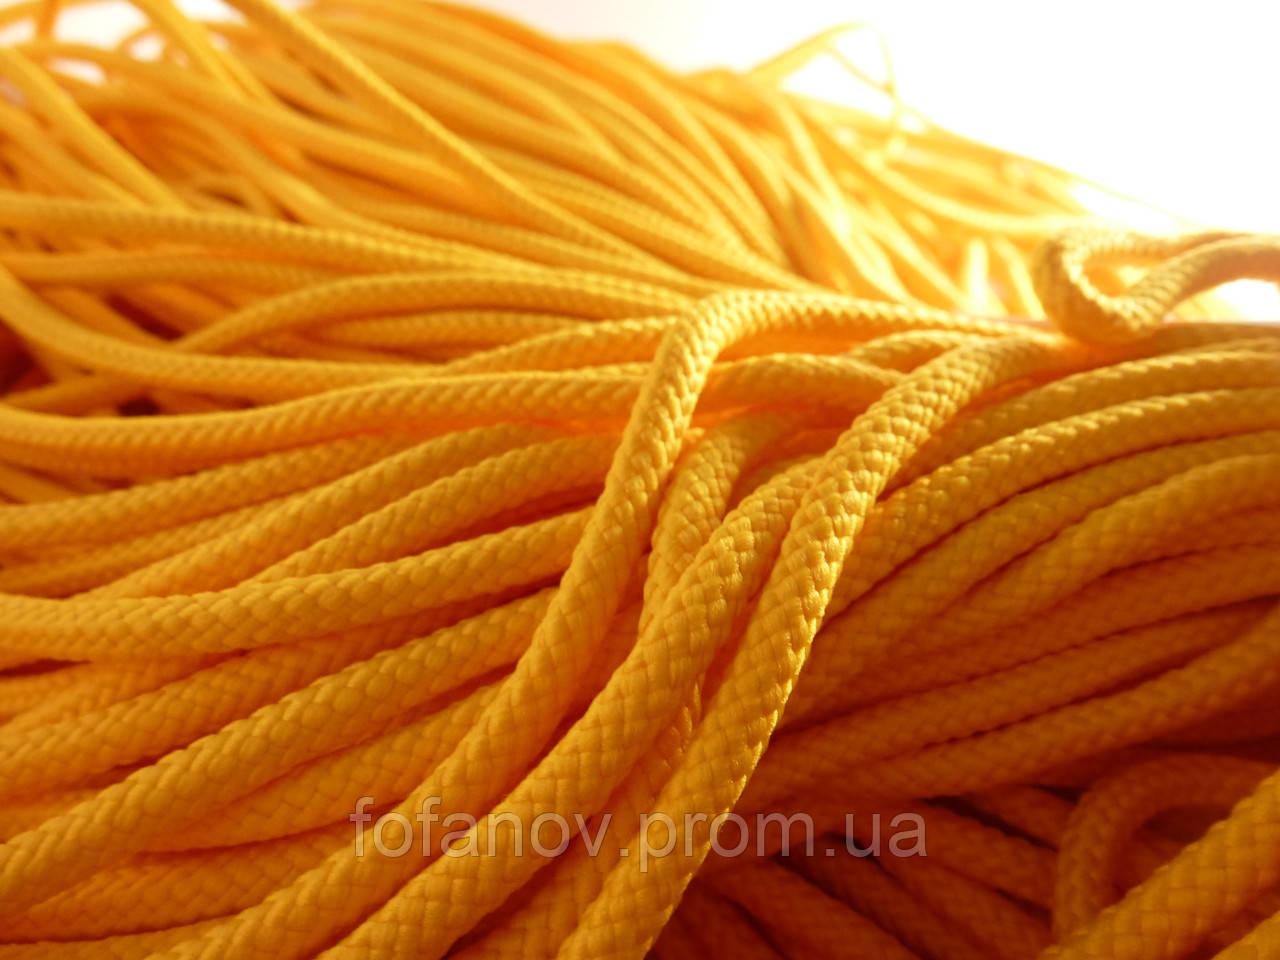 Шнур полиэфирный 5 мм для вязания 152